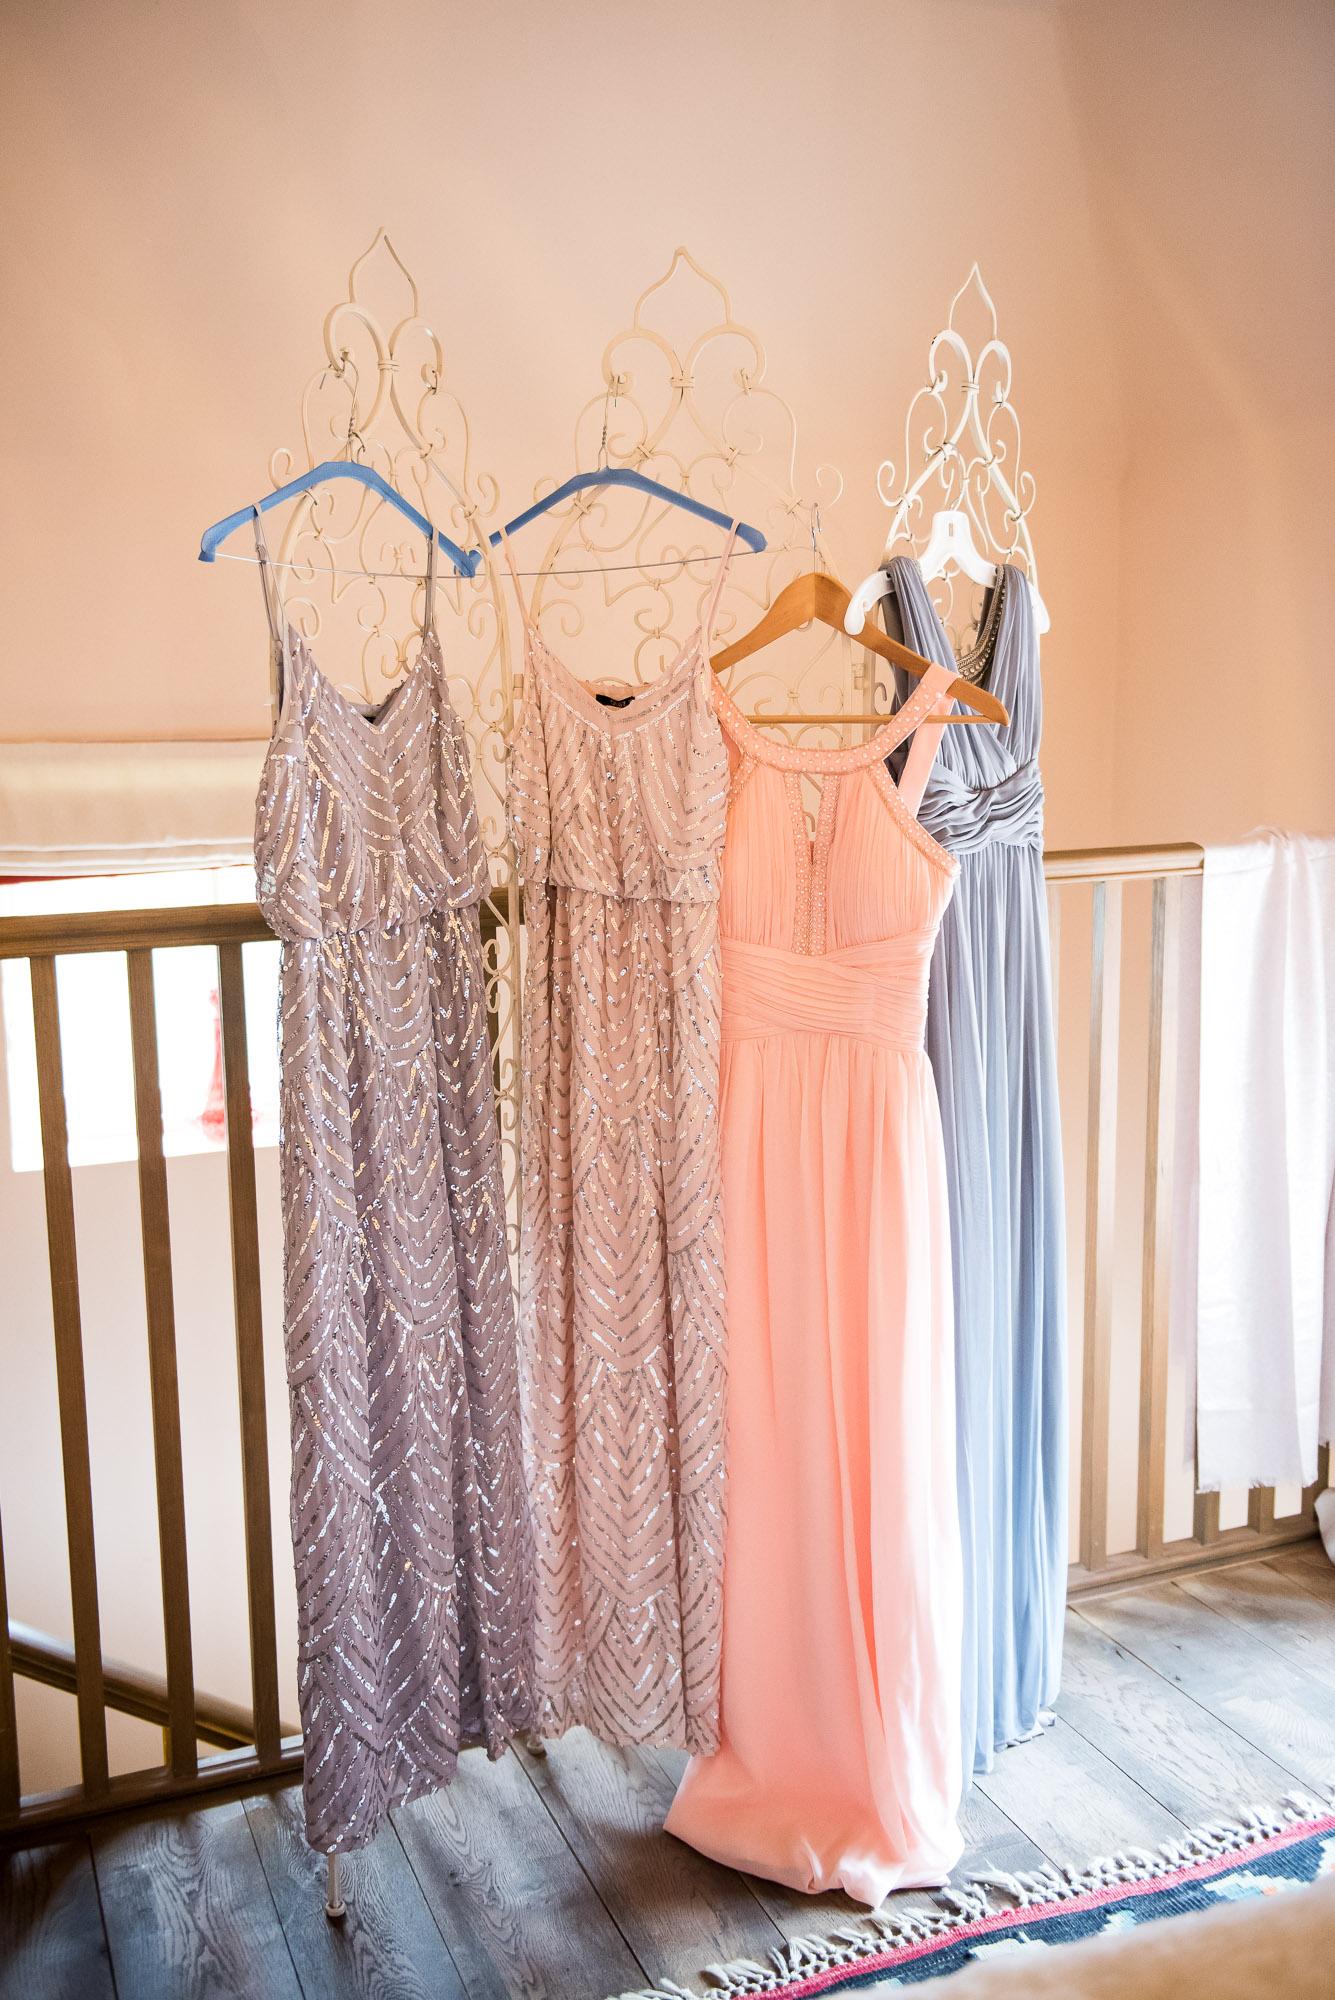 9 Bridesmaid dresses in matching pastel tones